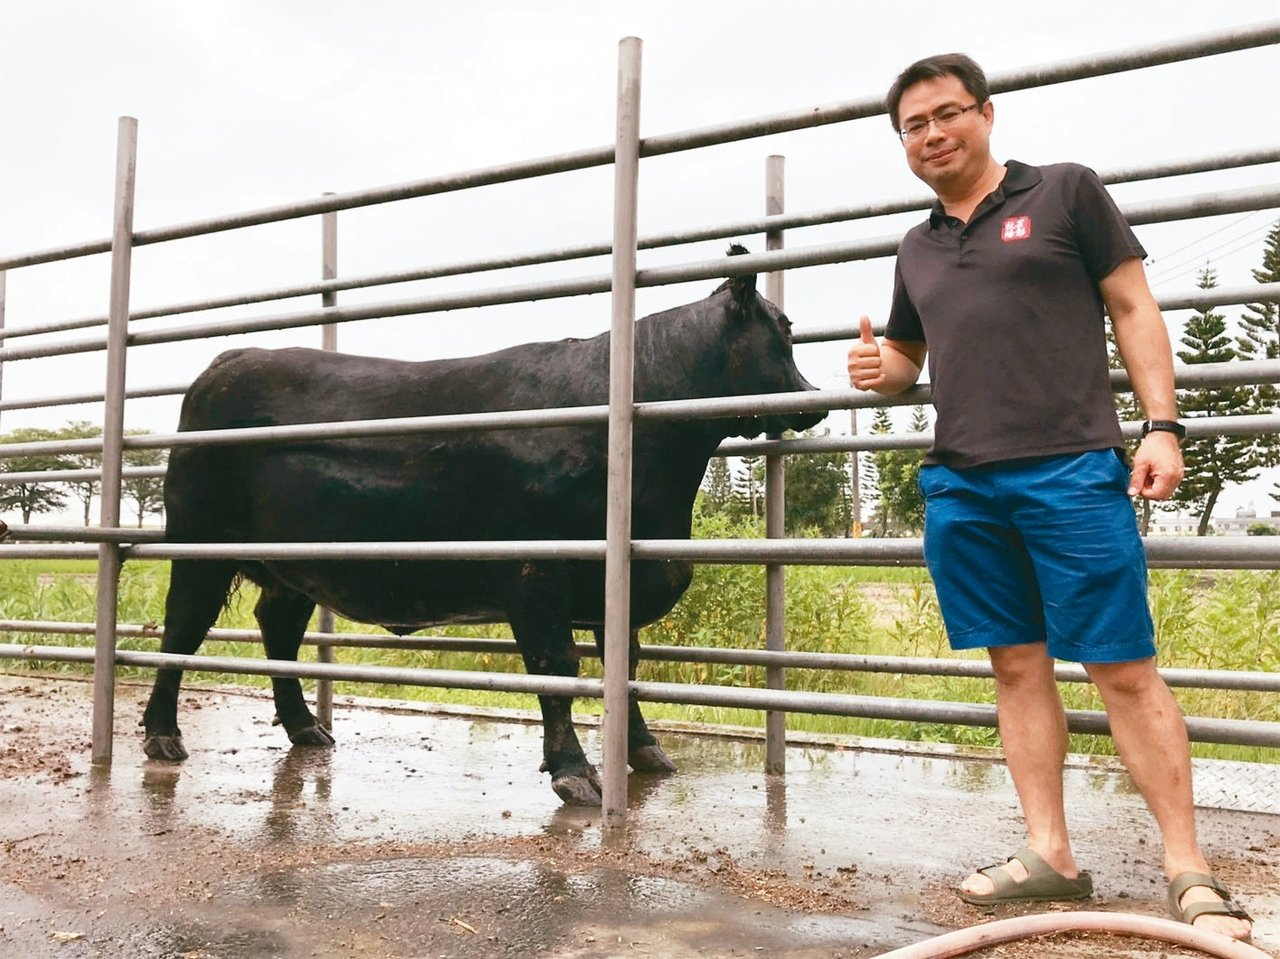 芸彰牧場場長張志名說,溫帶的牛適應了台灣亞熱帶的氣候,存活率提升,未來才有機會擴...